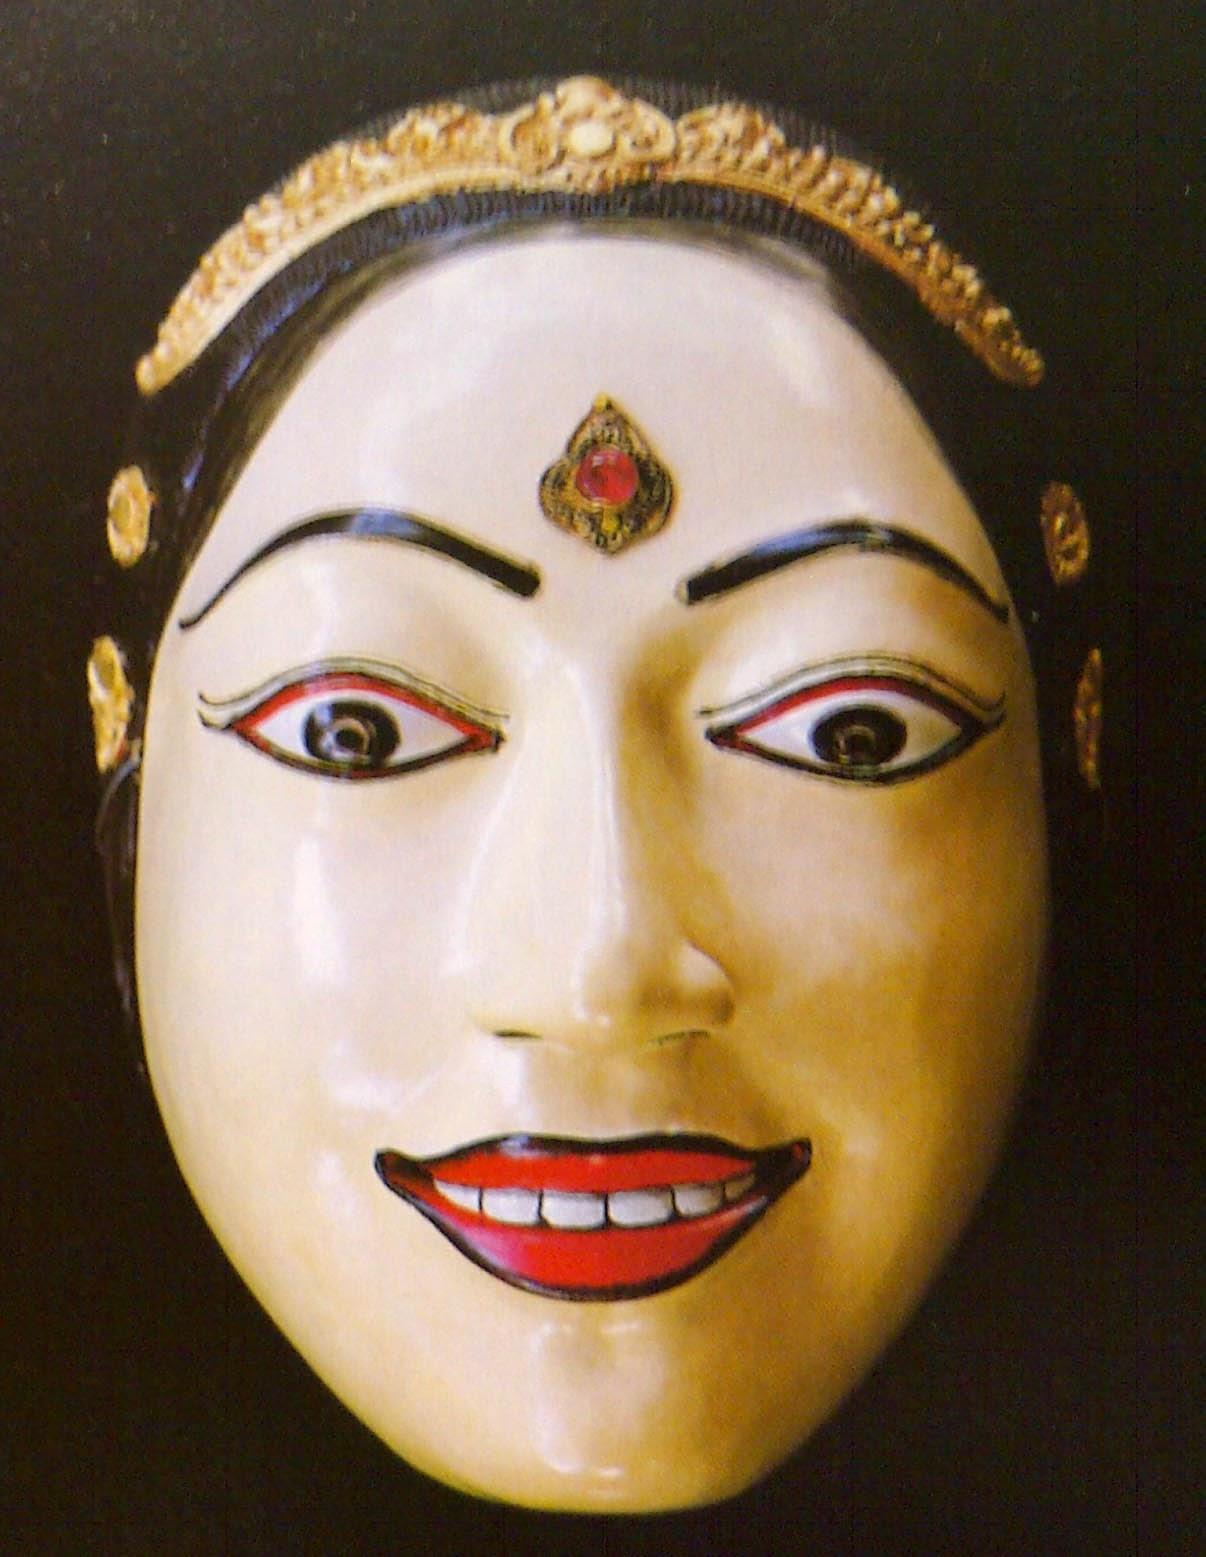 Gambar Topeng Tradisional Bali Wanita Seni Budaya Indonesia